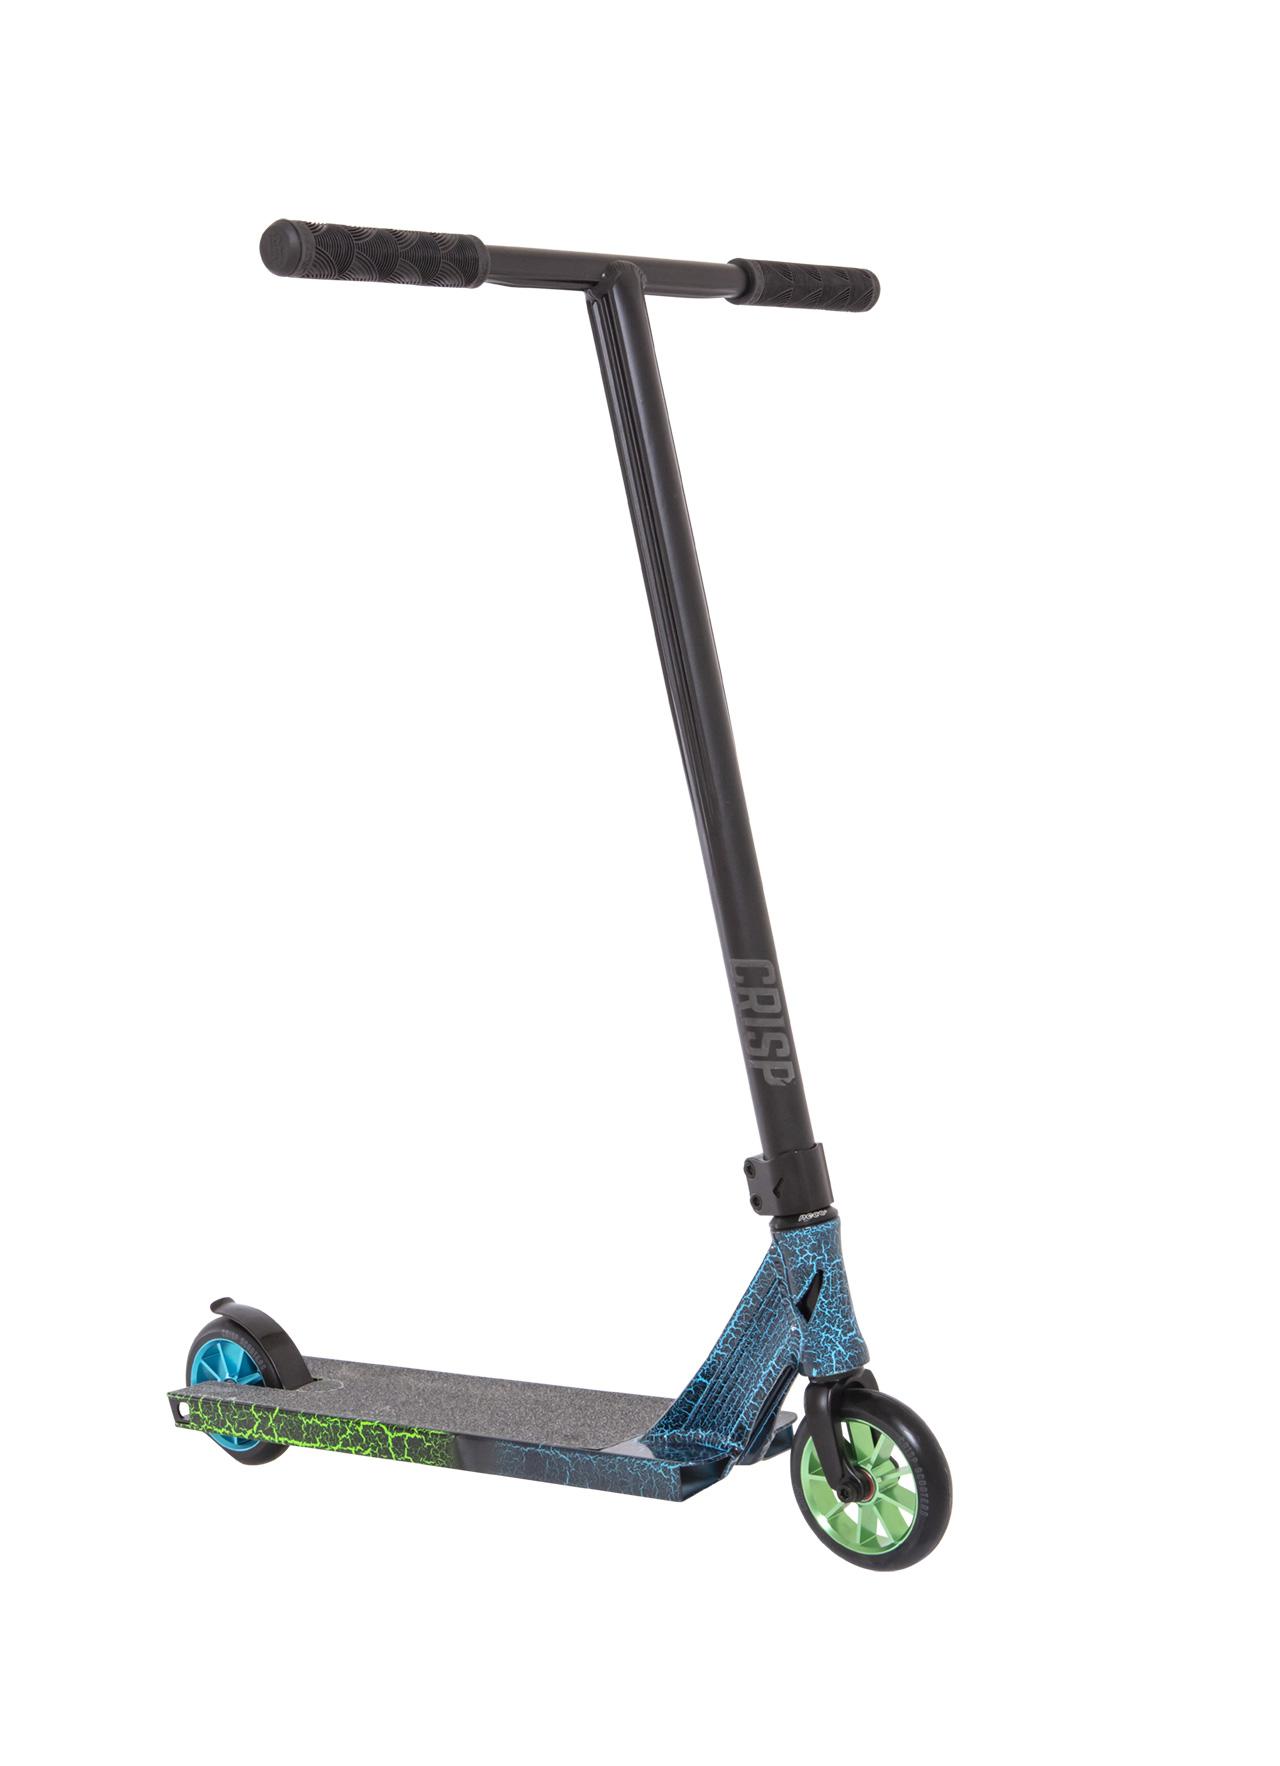 Crisp Scooter ultima 5